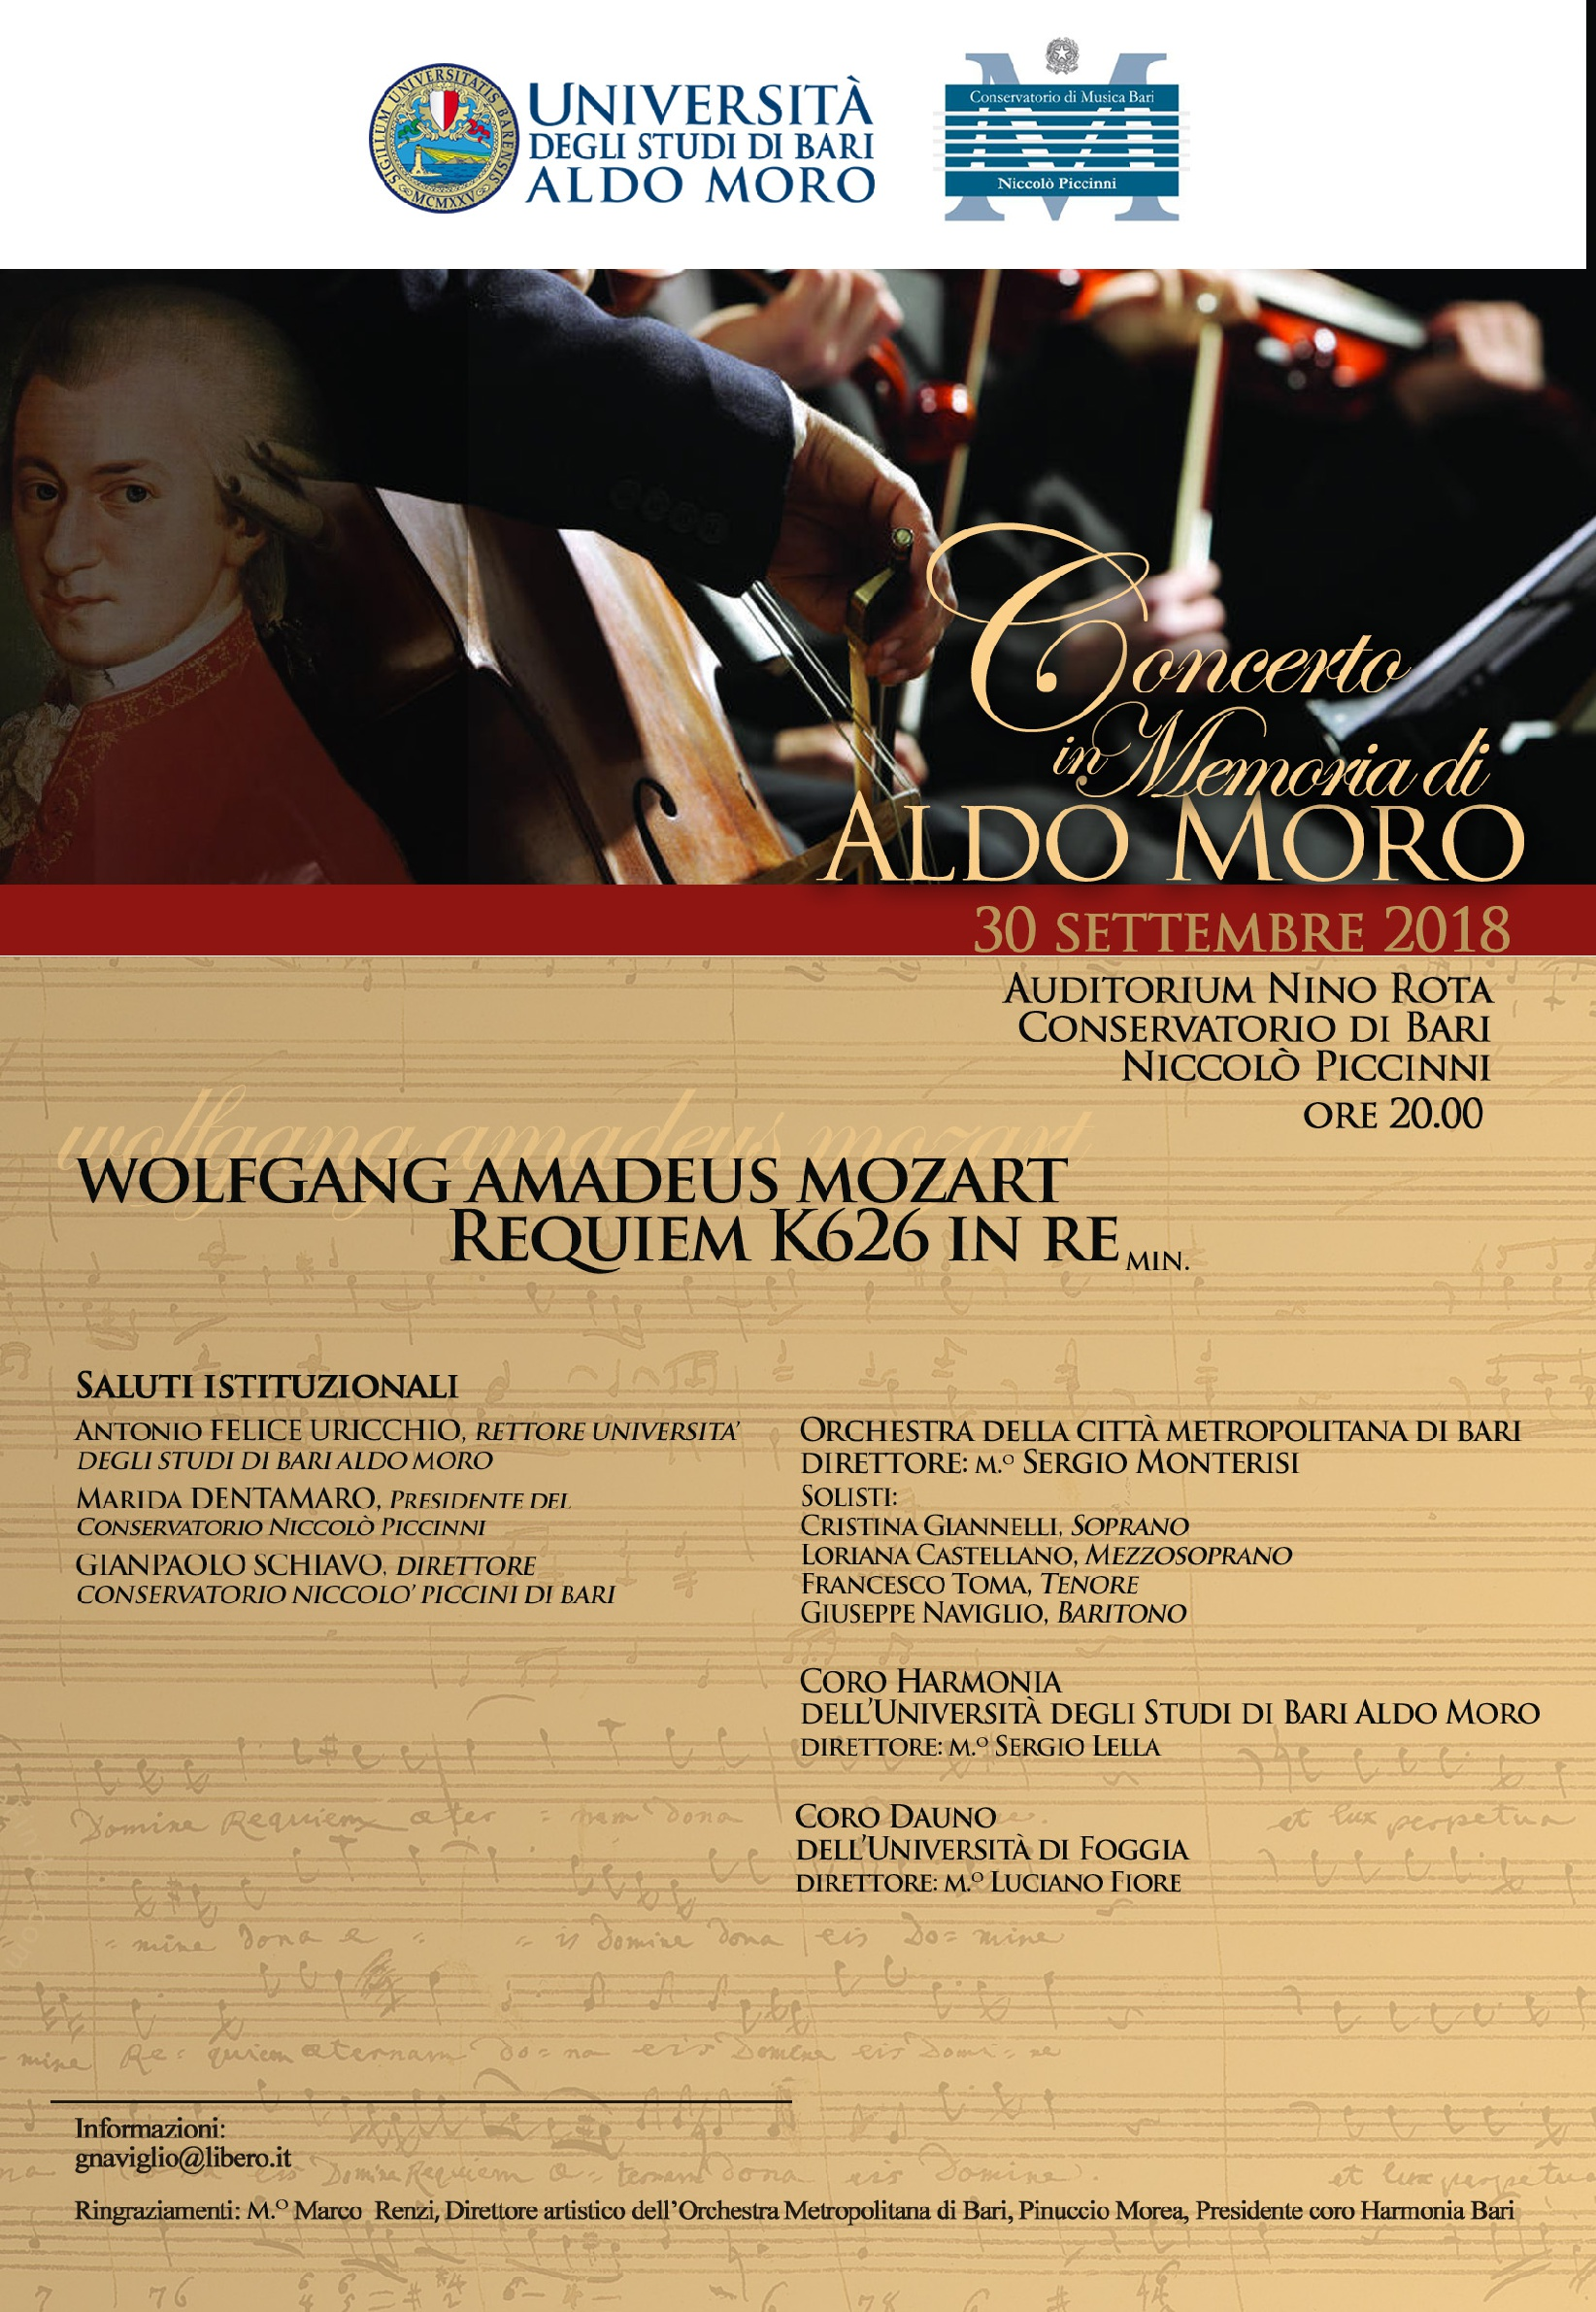 Concerto in memoria di Aldo Moro @ Auditorium Nino Rota - Conservatorio di Bari Niccolò Piccinni | Bari | Puglia | Italia